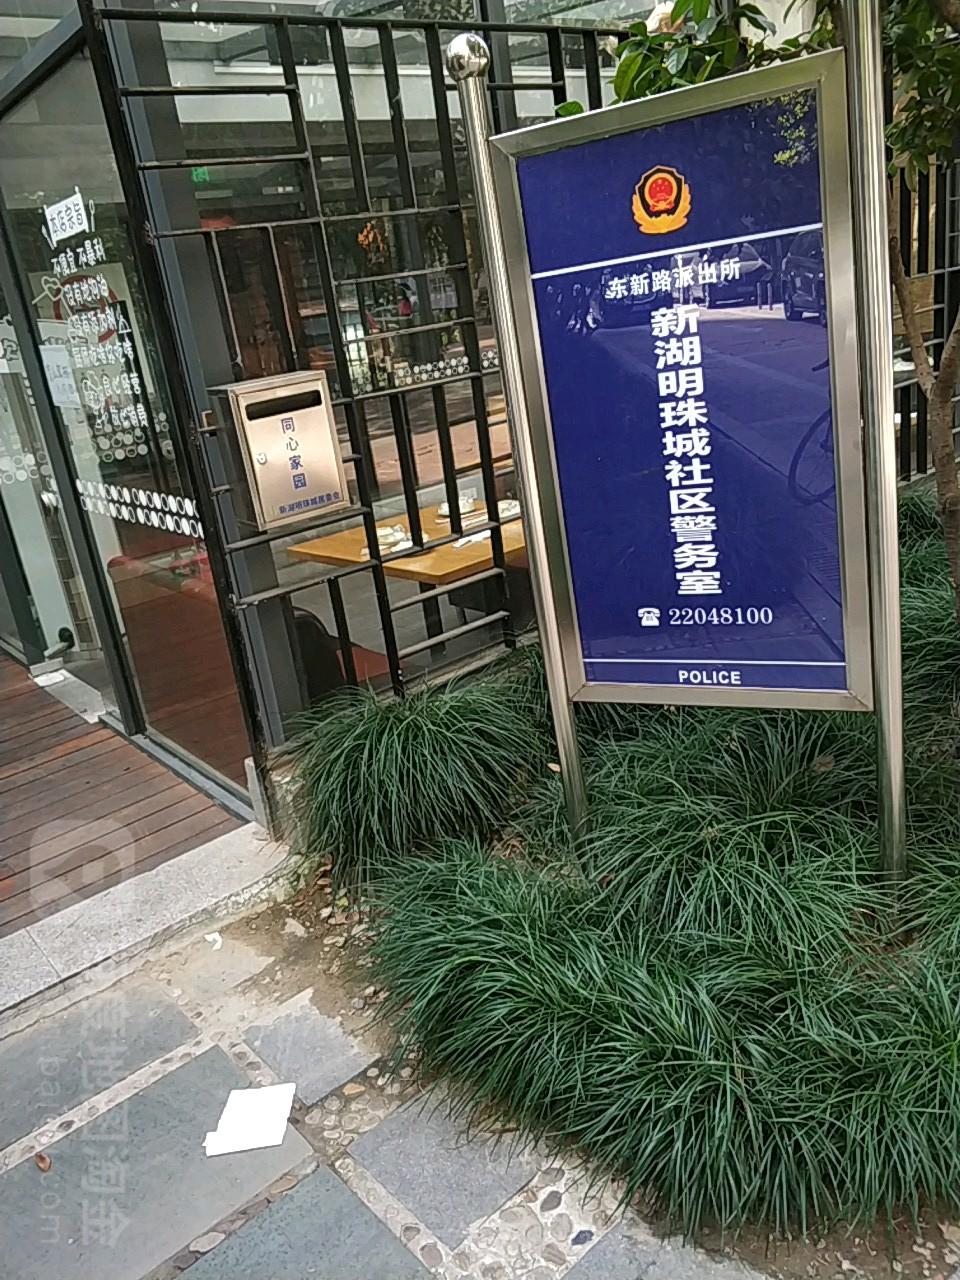 上海市普陀区东新支路110弄2号